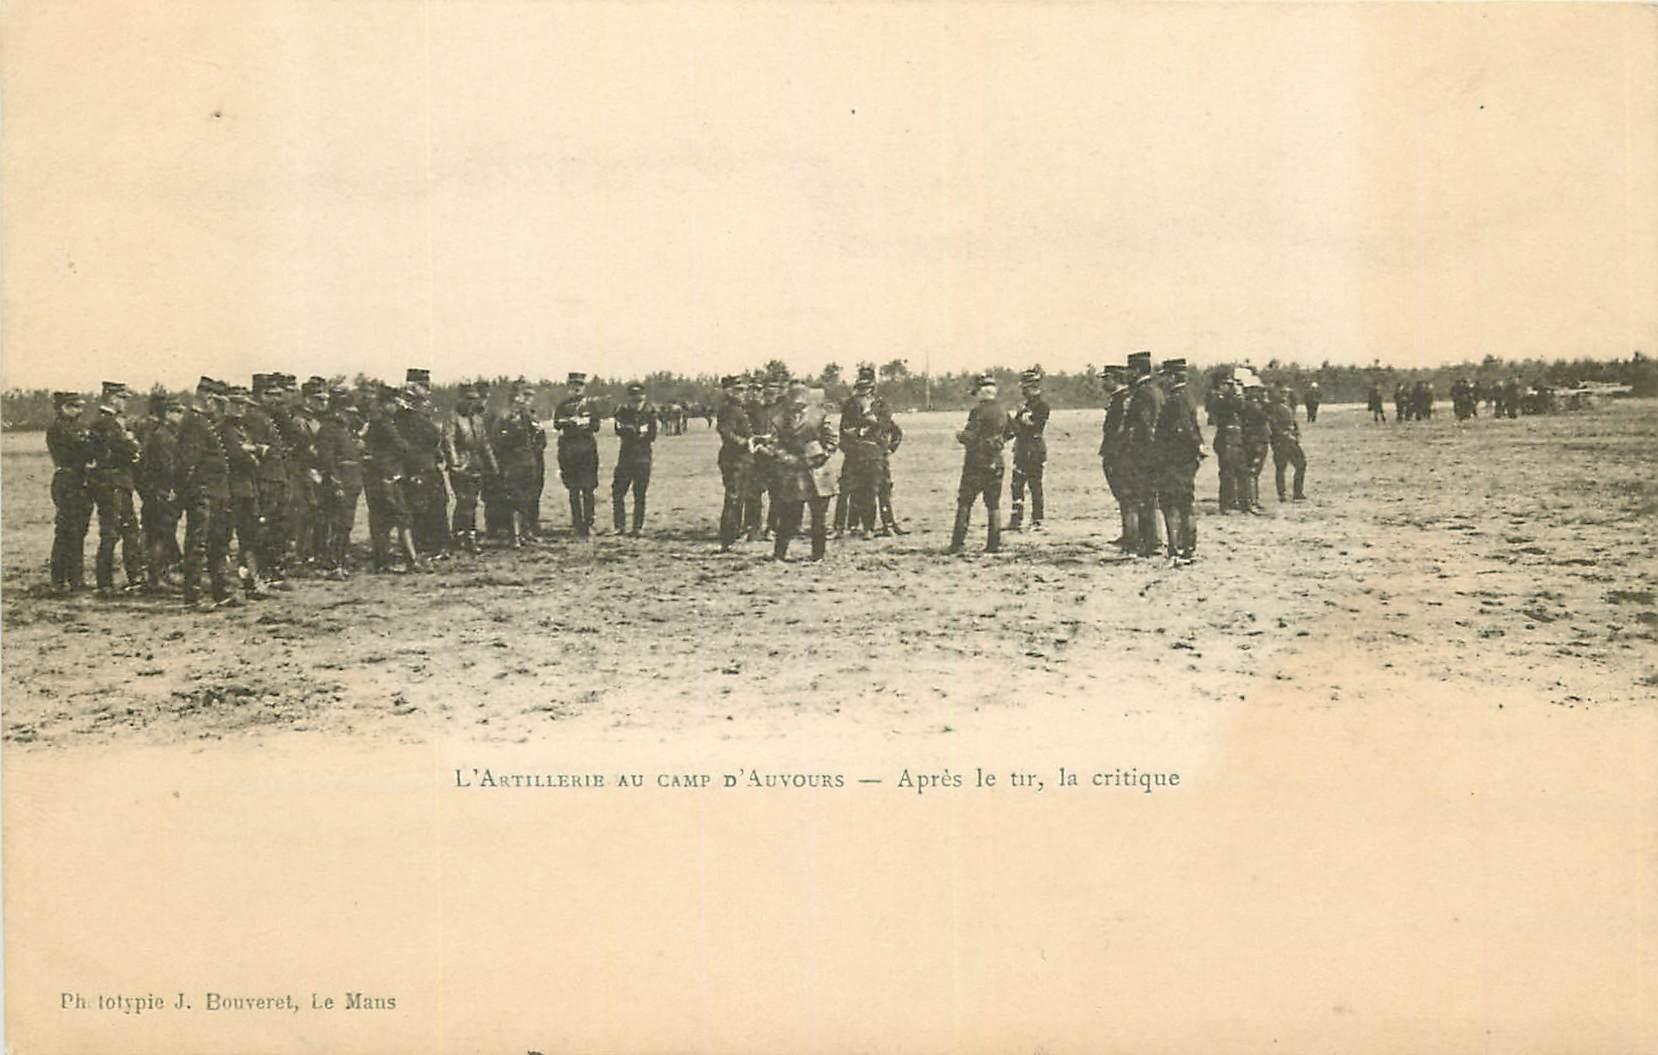 WW MILITAIRES. Artillerie au Camp d'Auvour après le tir, la critique...